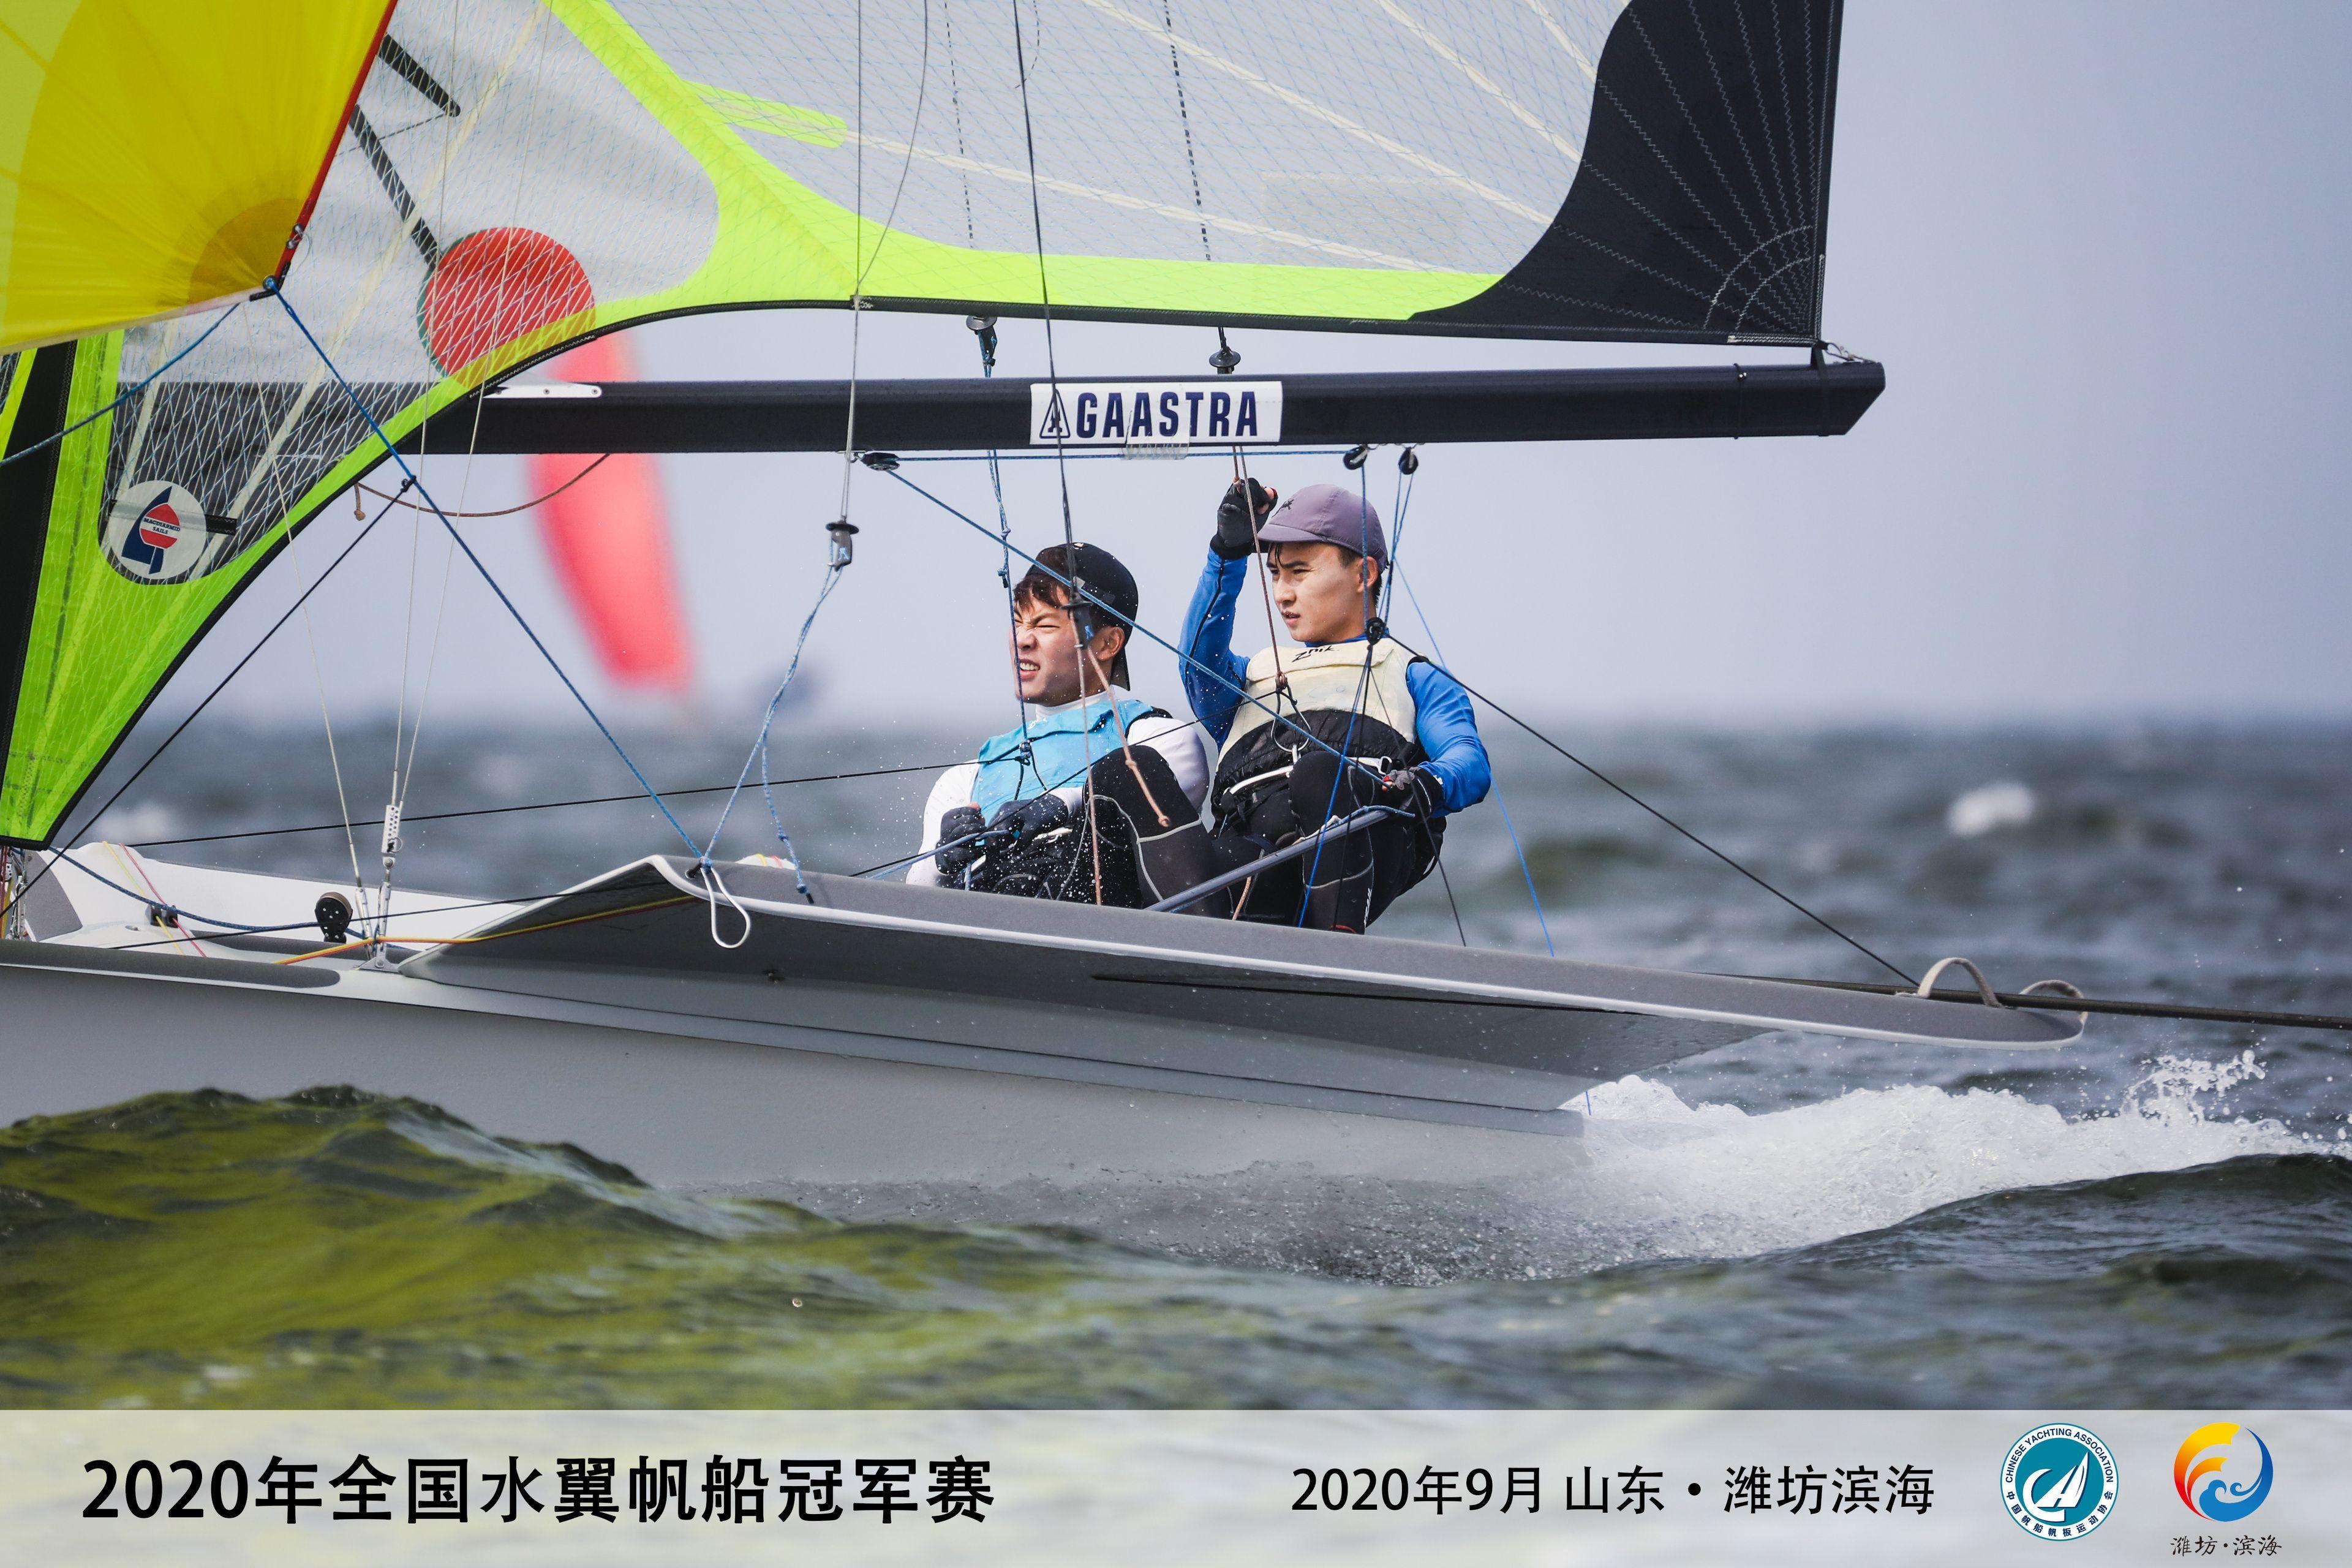 扬帆逐浪砺精兵 2020年全国水翼帆船冠军赛潍坊滨海落幕